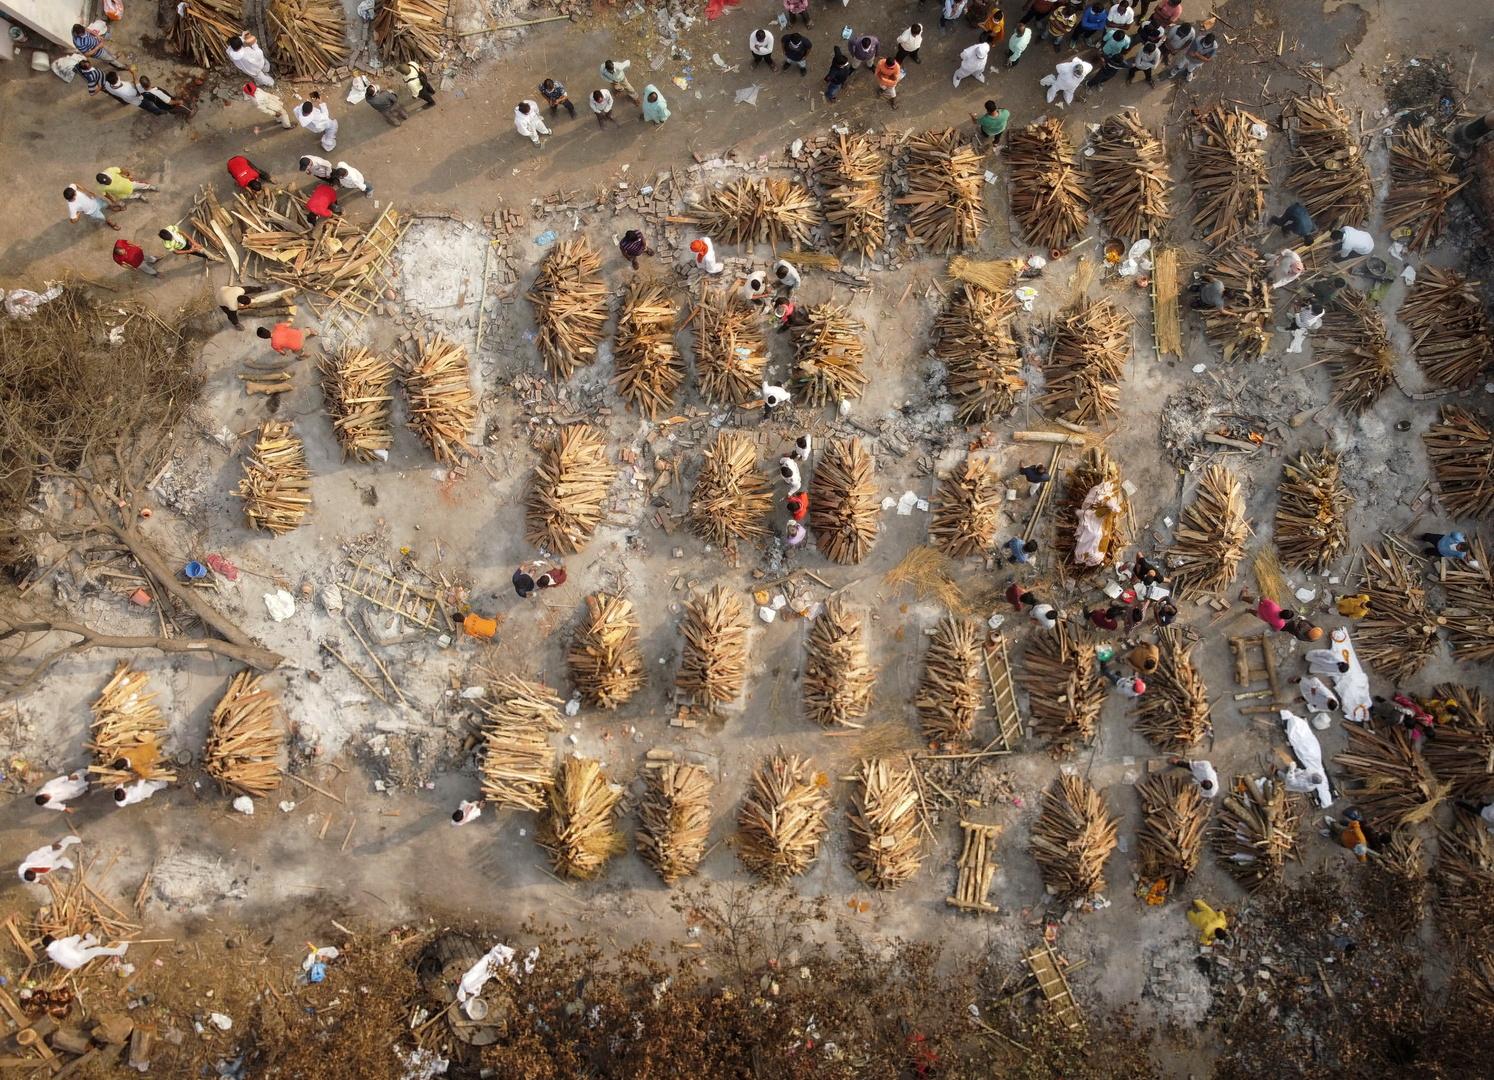 الهند تسجل ارتفاعا قياسيا في عدد إصابات كورونا اليومية والإجمالي يتجاوز 18 مليون إصابة